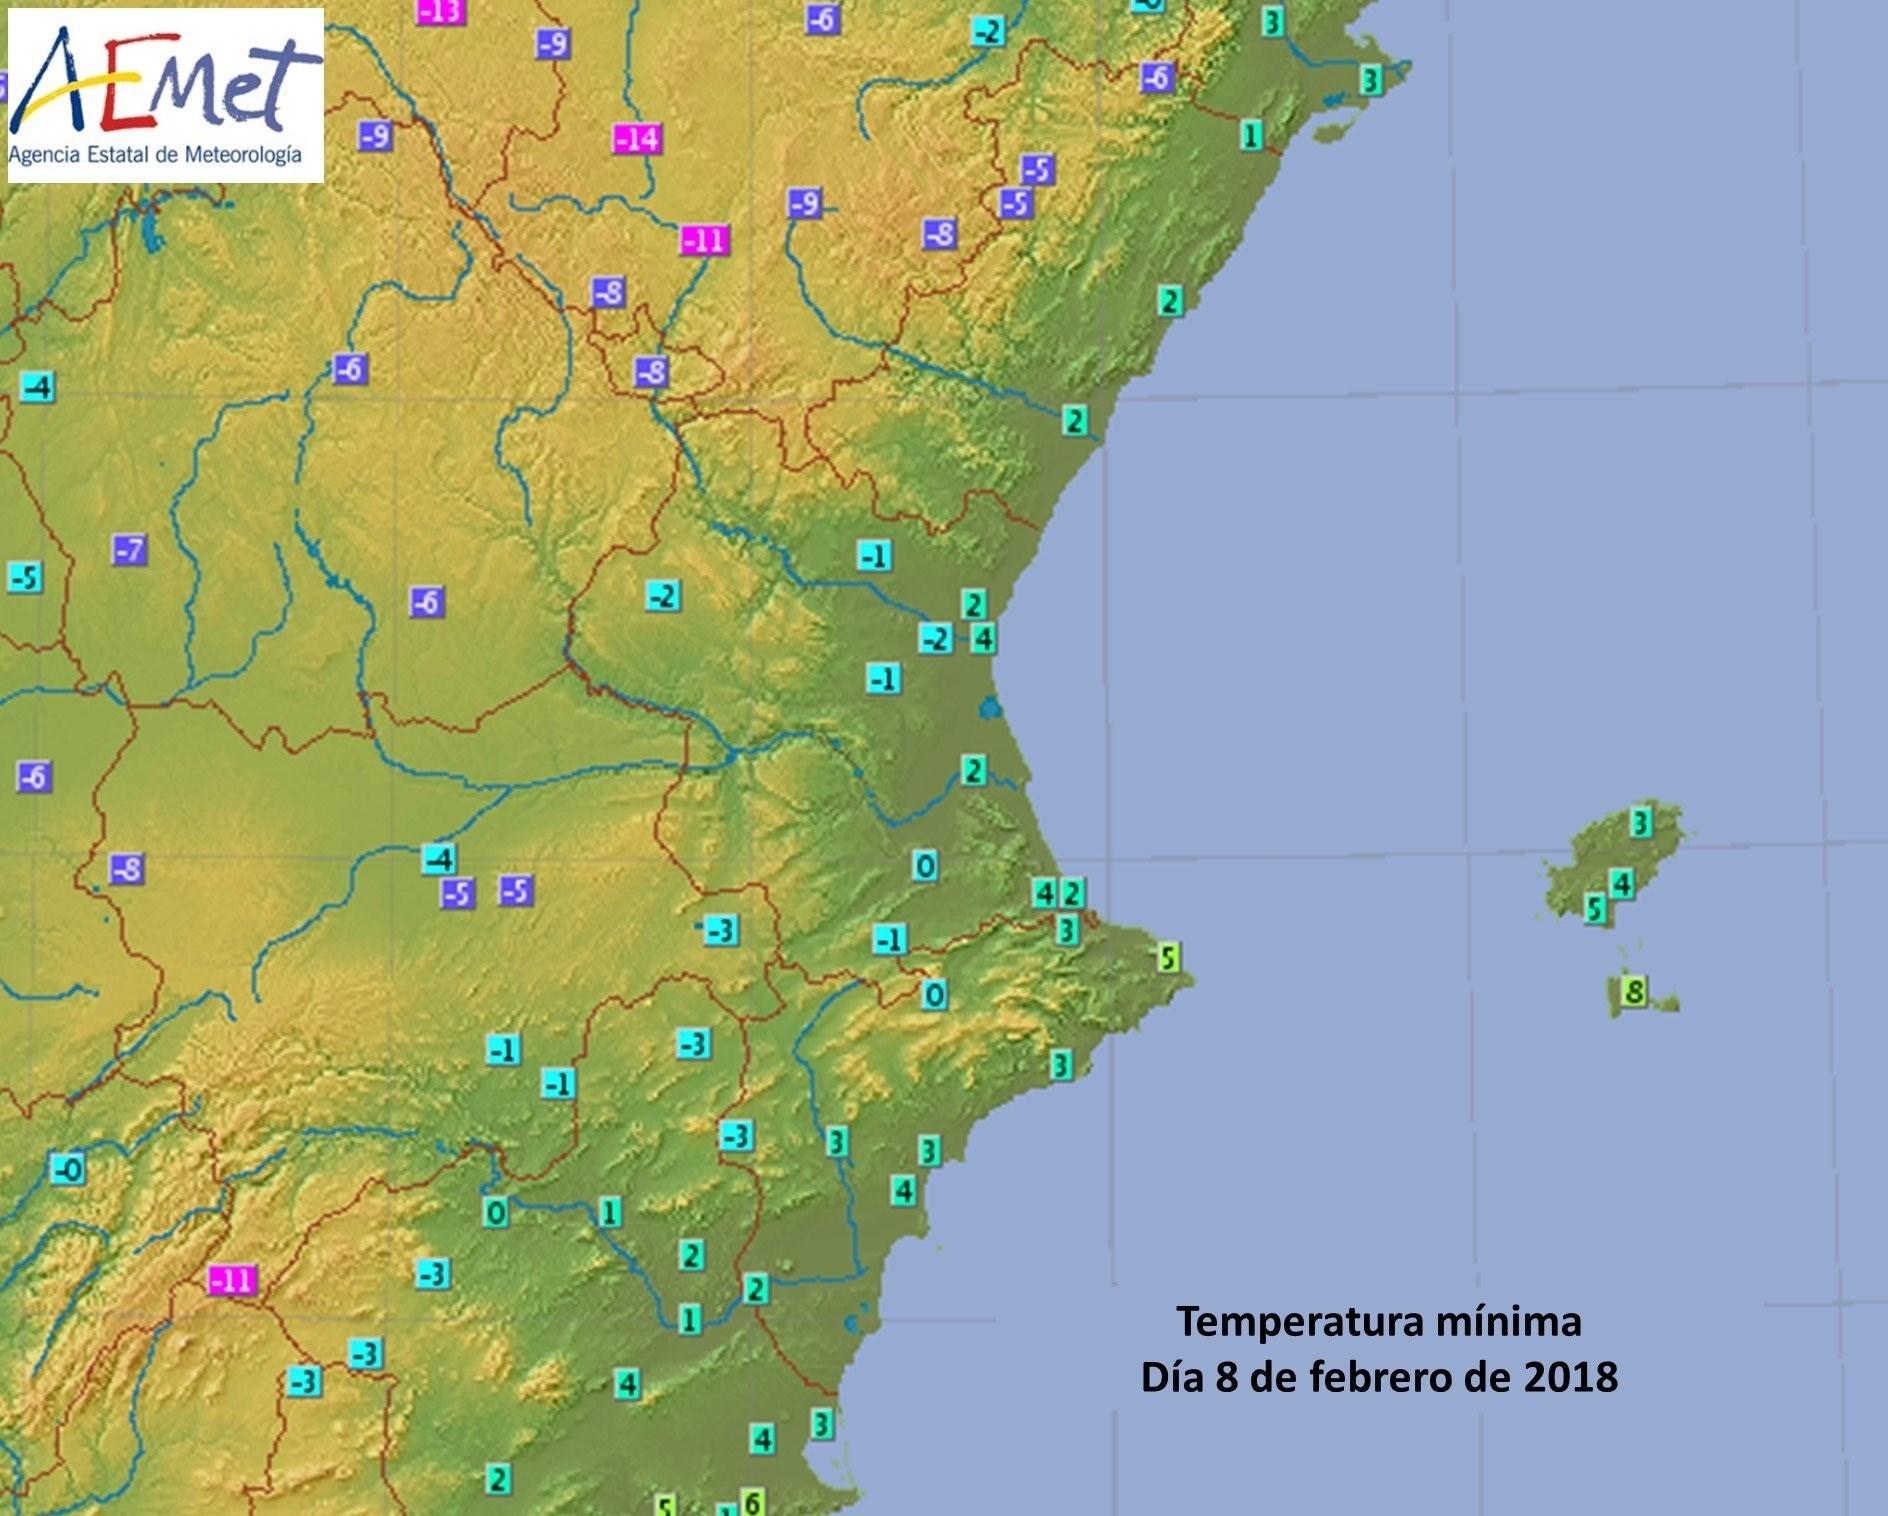 Noche de bajas temperaturas en varios municipios de la Comunitat